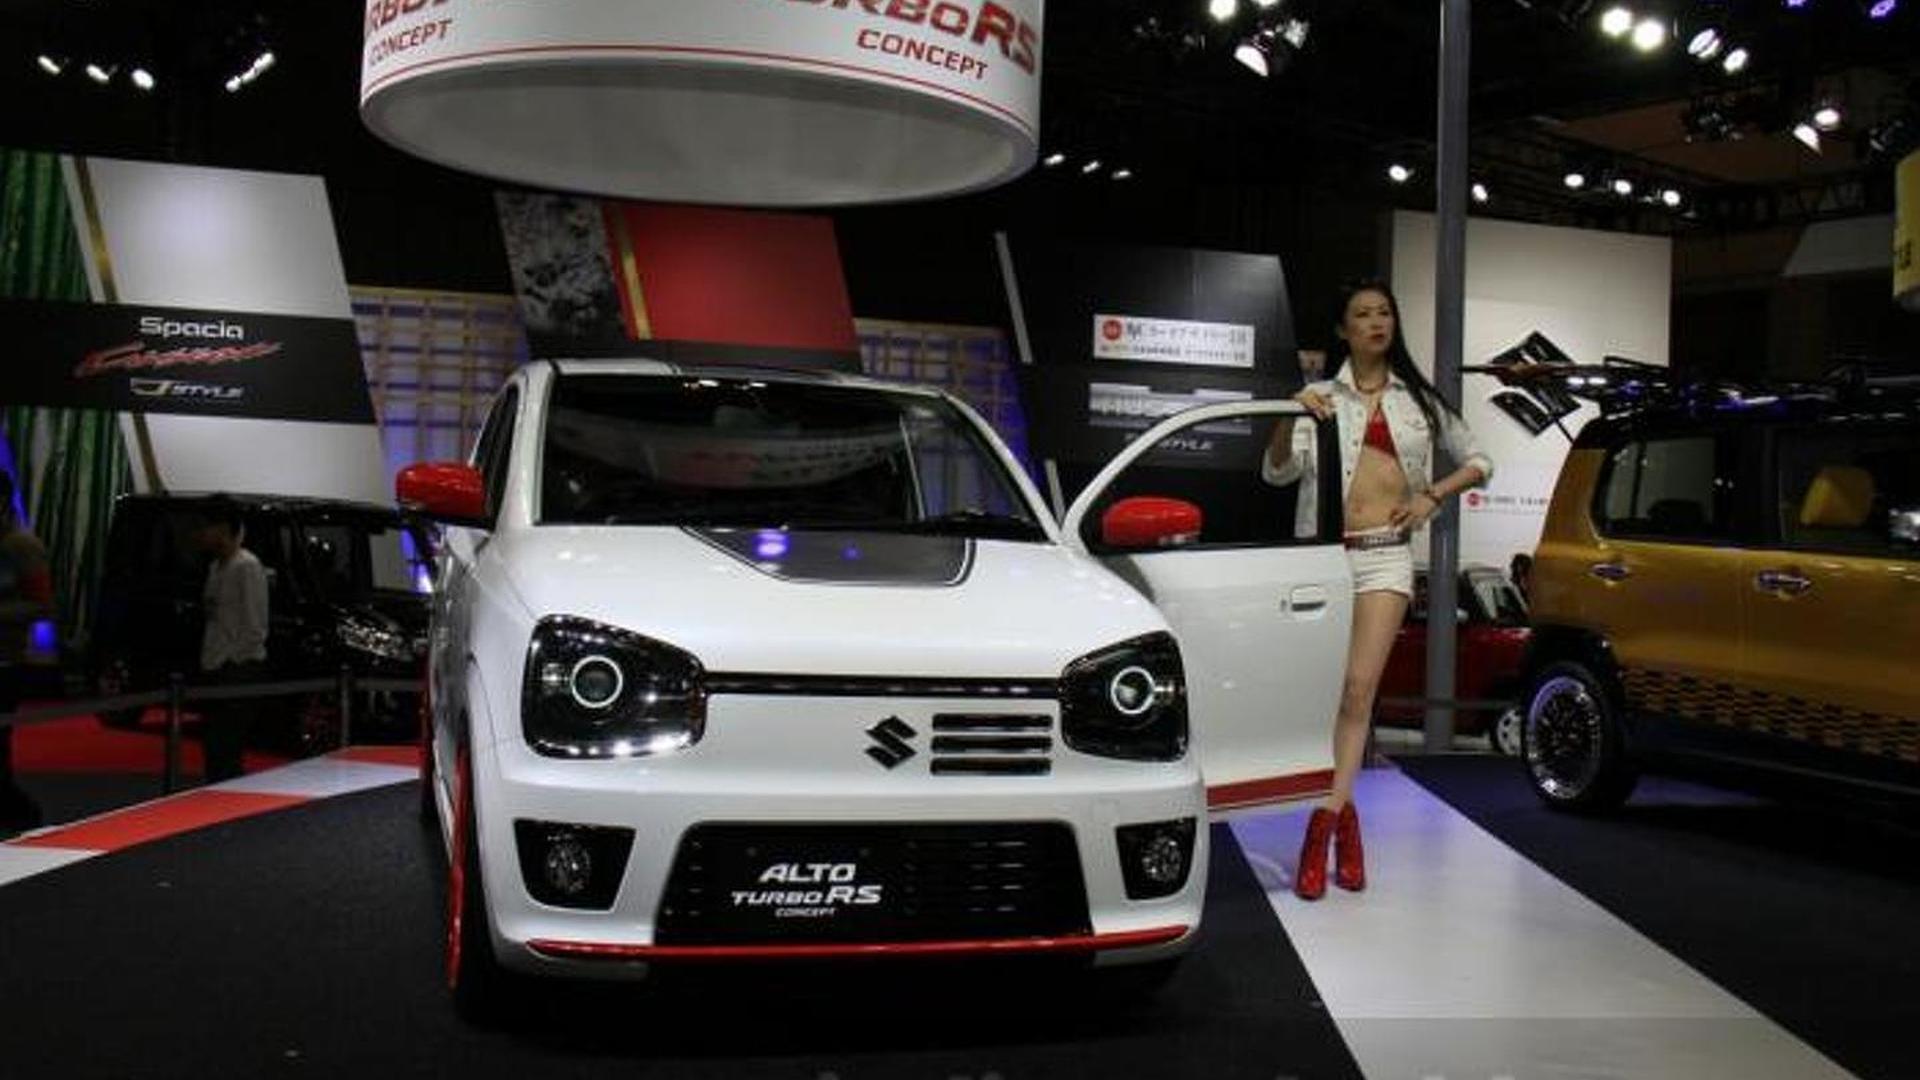 Description suzuki alto turbo rs concept front right 2015 tokyo auto - Description Suzuki Alto Turbo Rs Concept Front Right 2015 Tokyo Auto 6